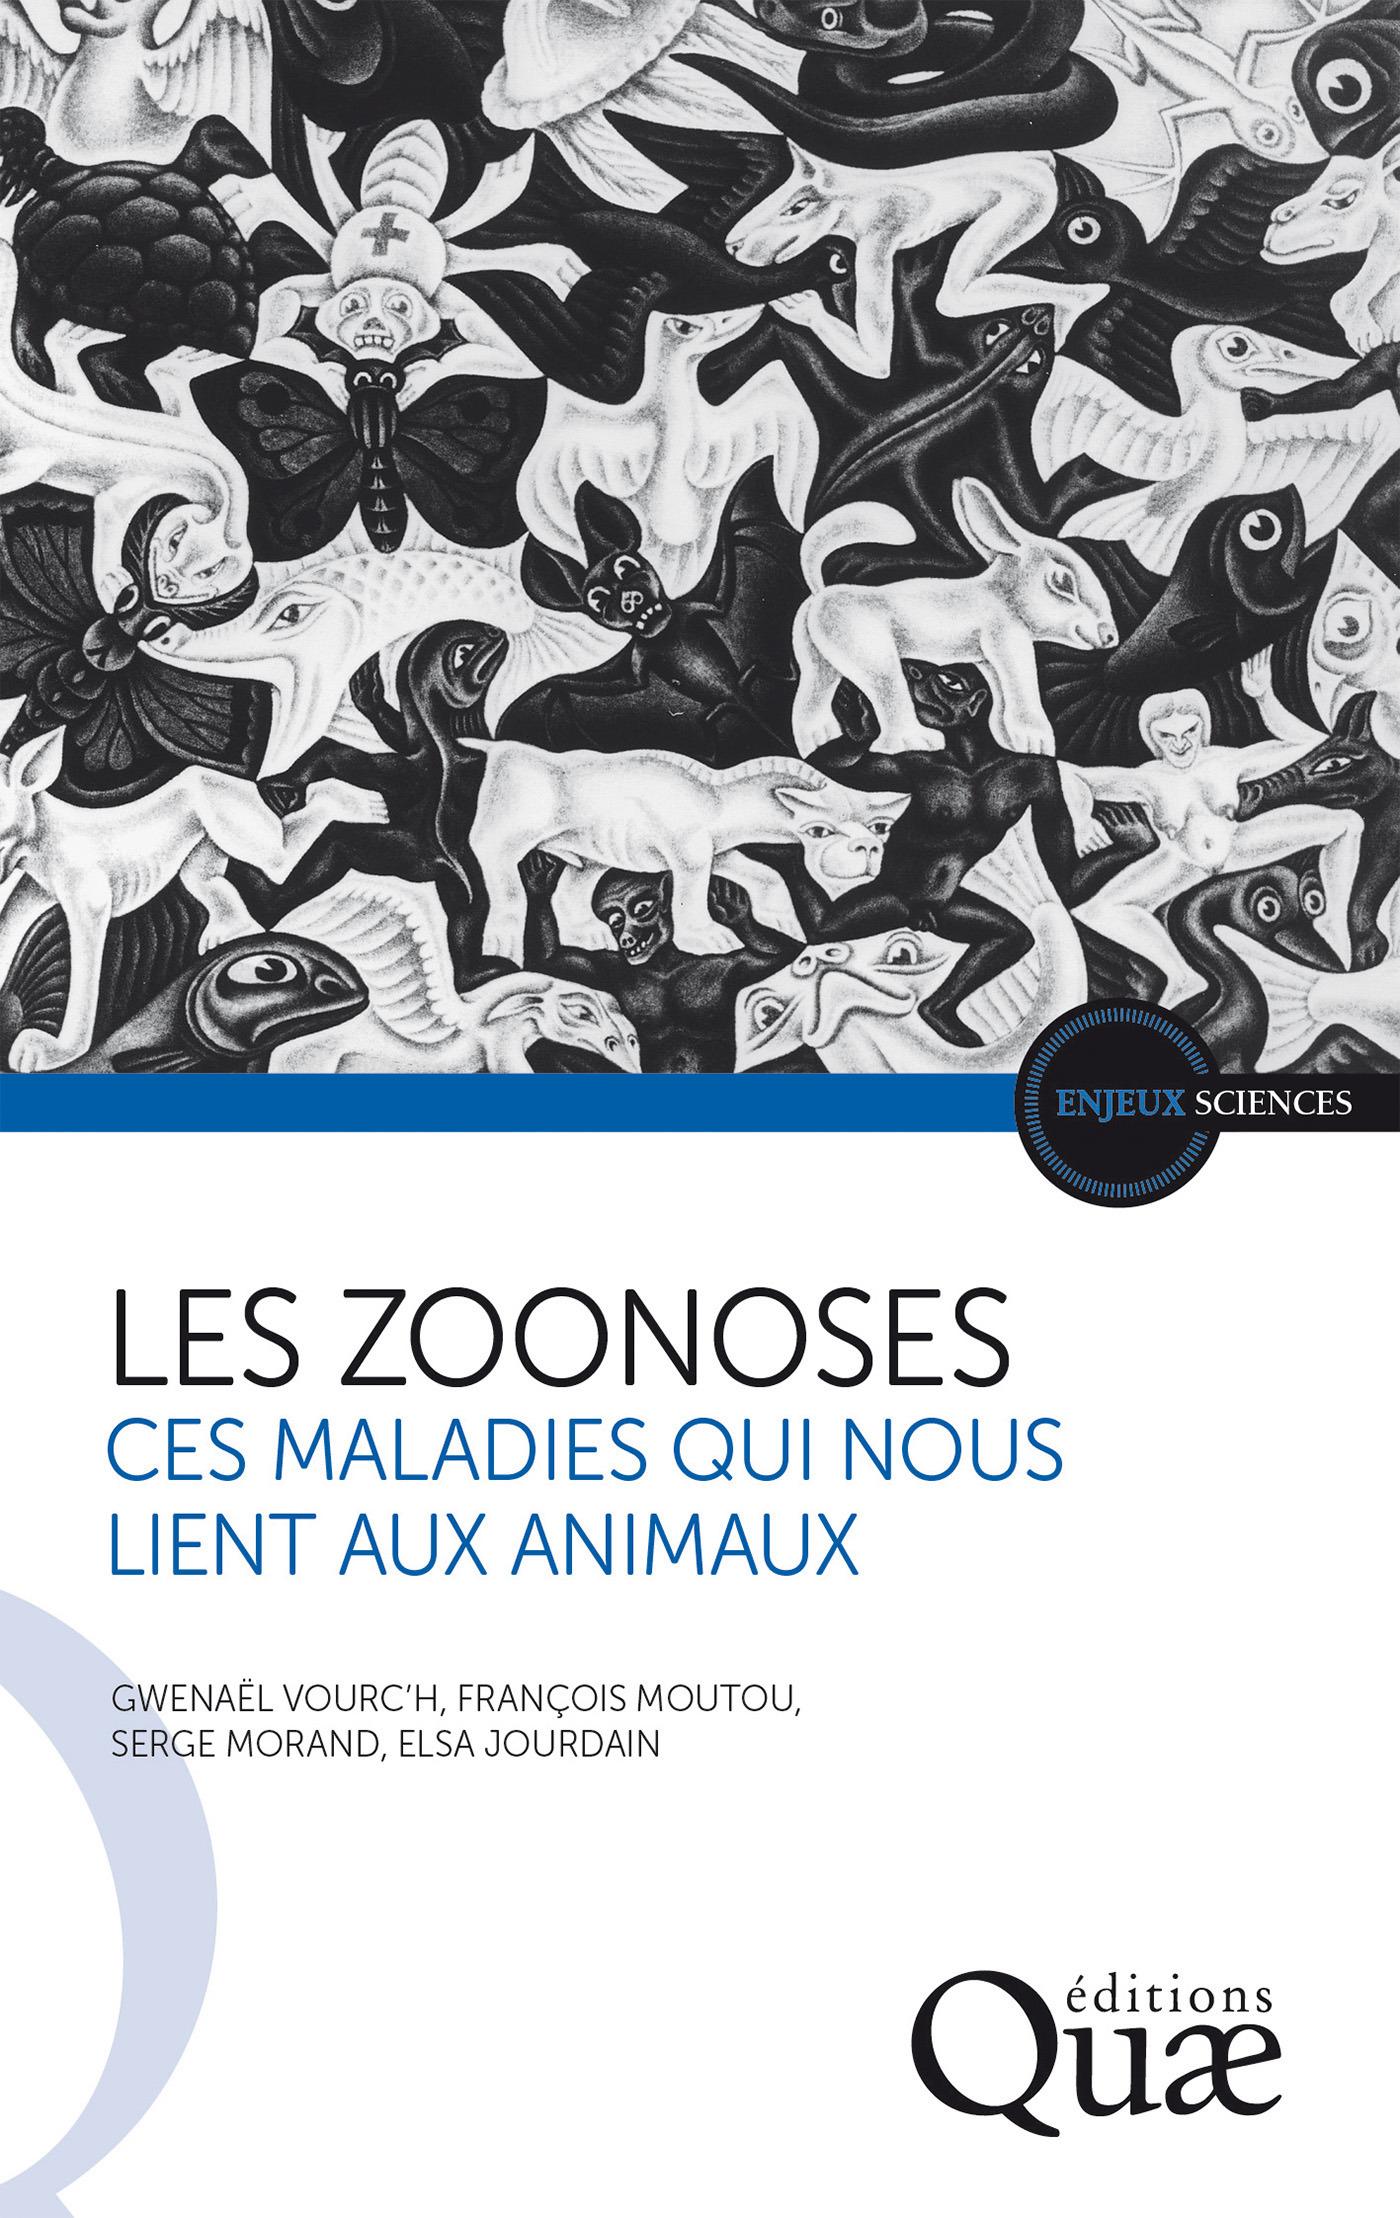 Les zoonoses, ces maladies qui nous lient aux animaux